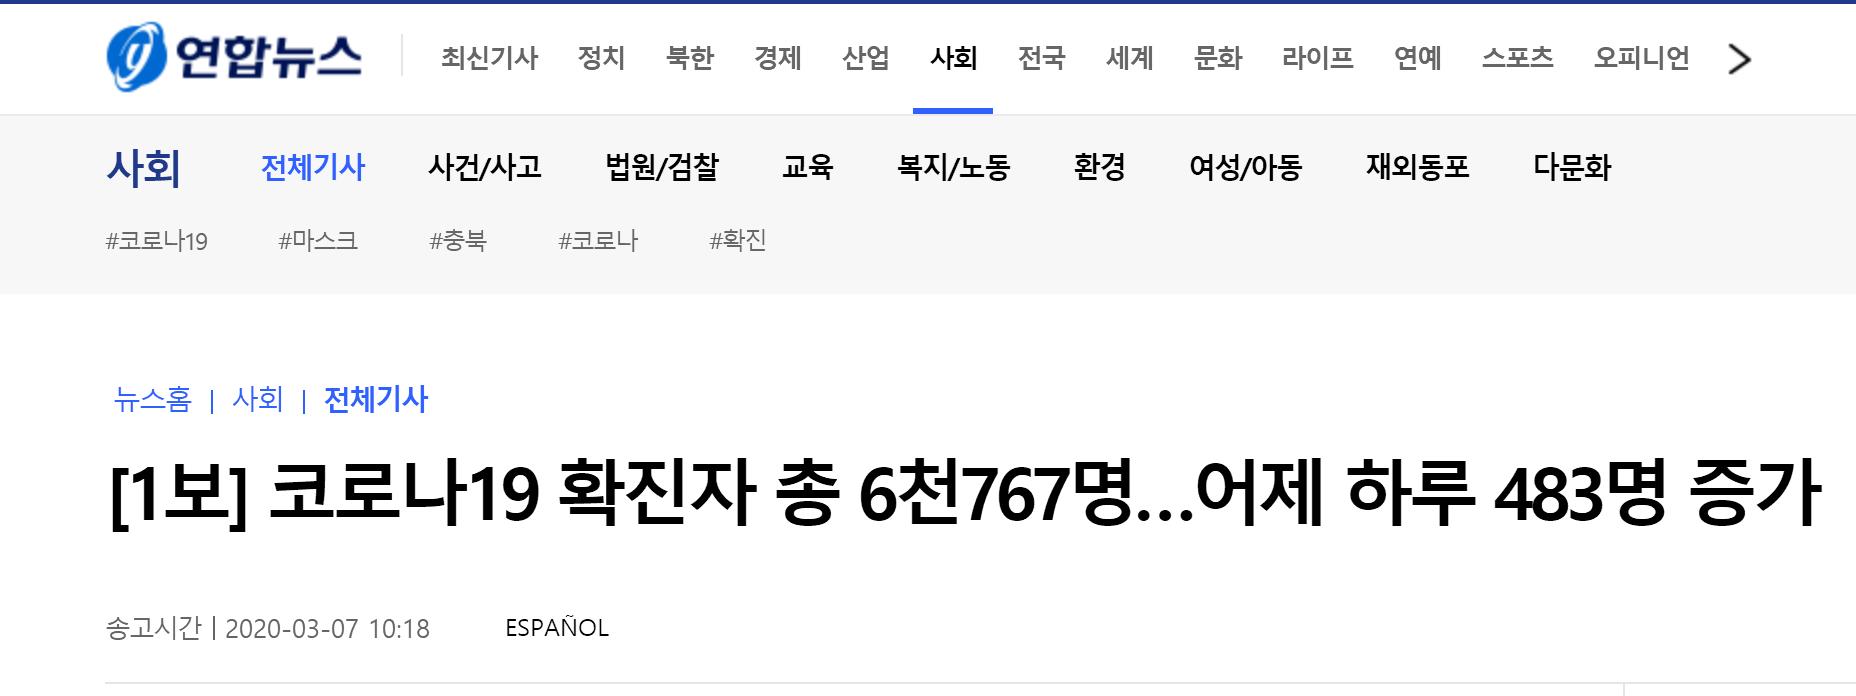 快讯!韩国昨日新增483例新冠肺炎确诊病例,累计确诊6767例